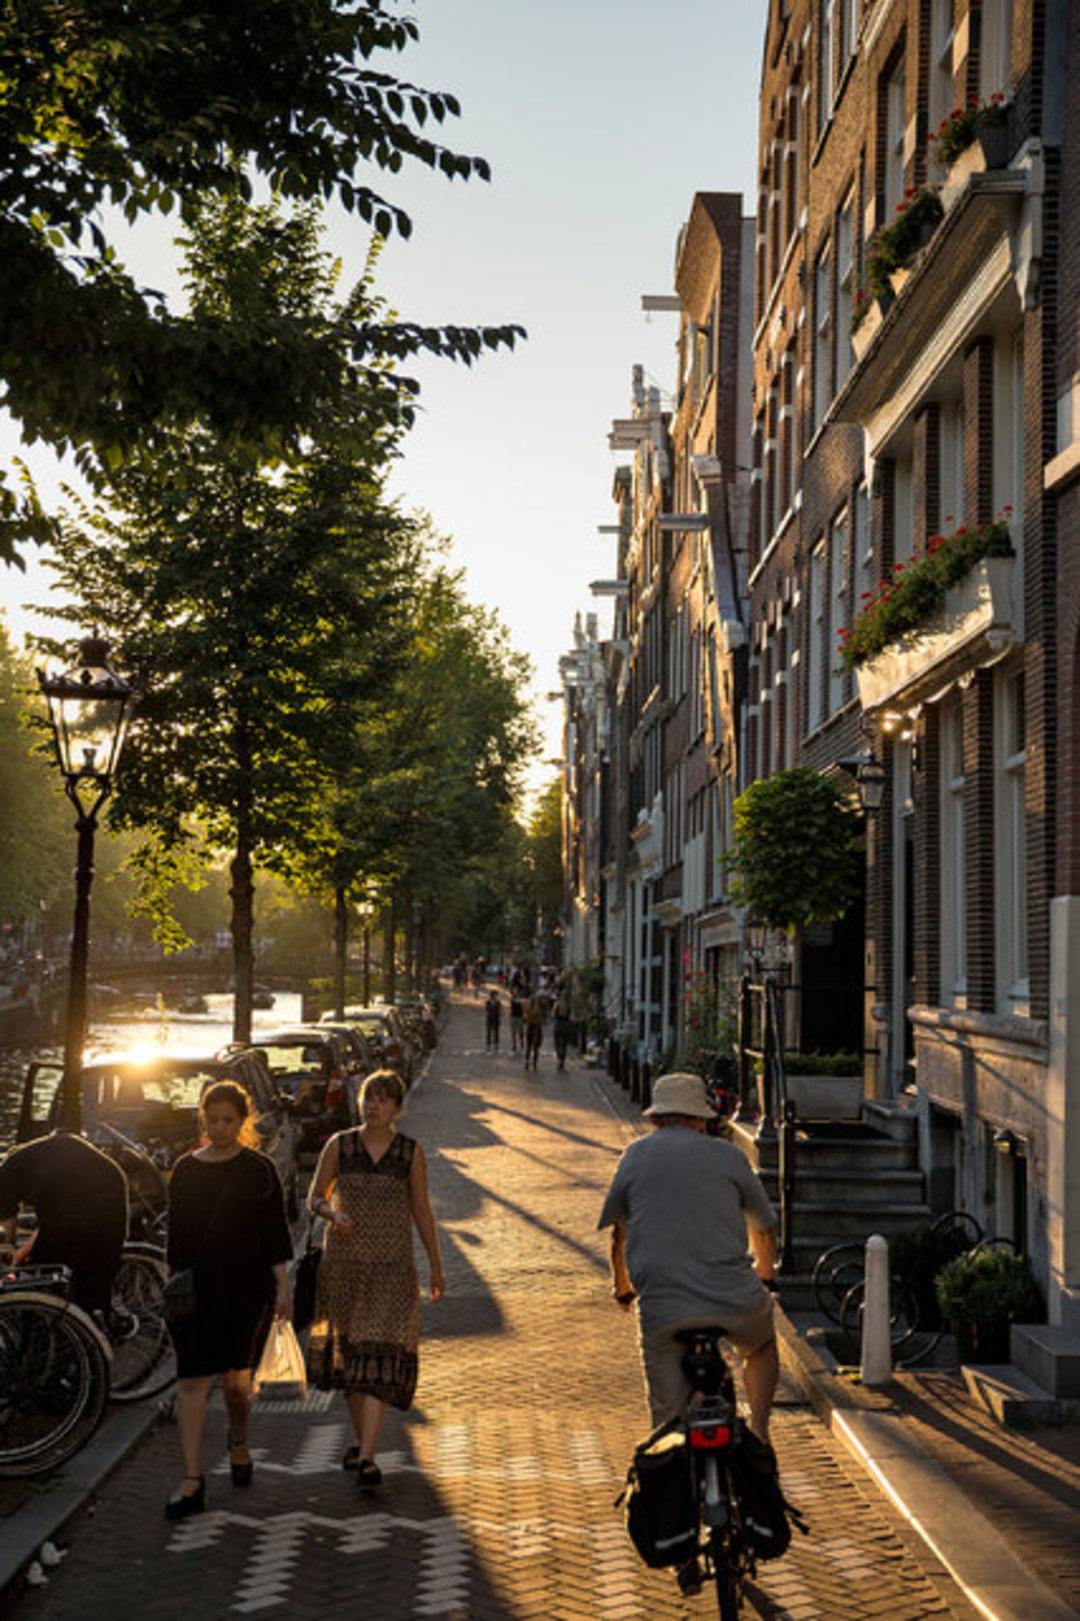 我在阿姆斯特丹住了 7 年,故地重游,我不知道它的温暖还能持续多久_文化_好奇心日报